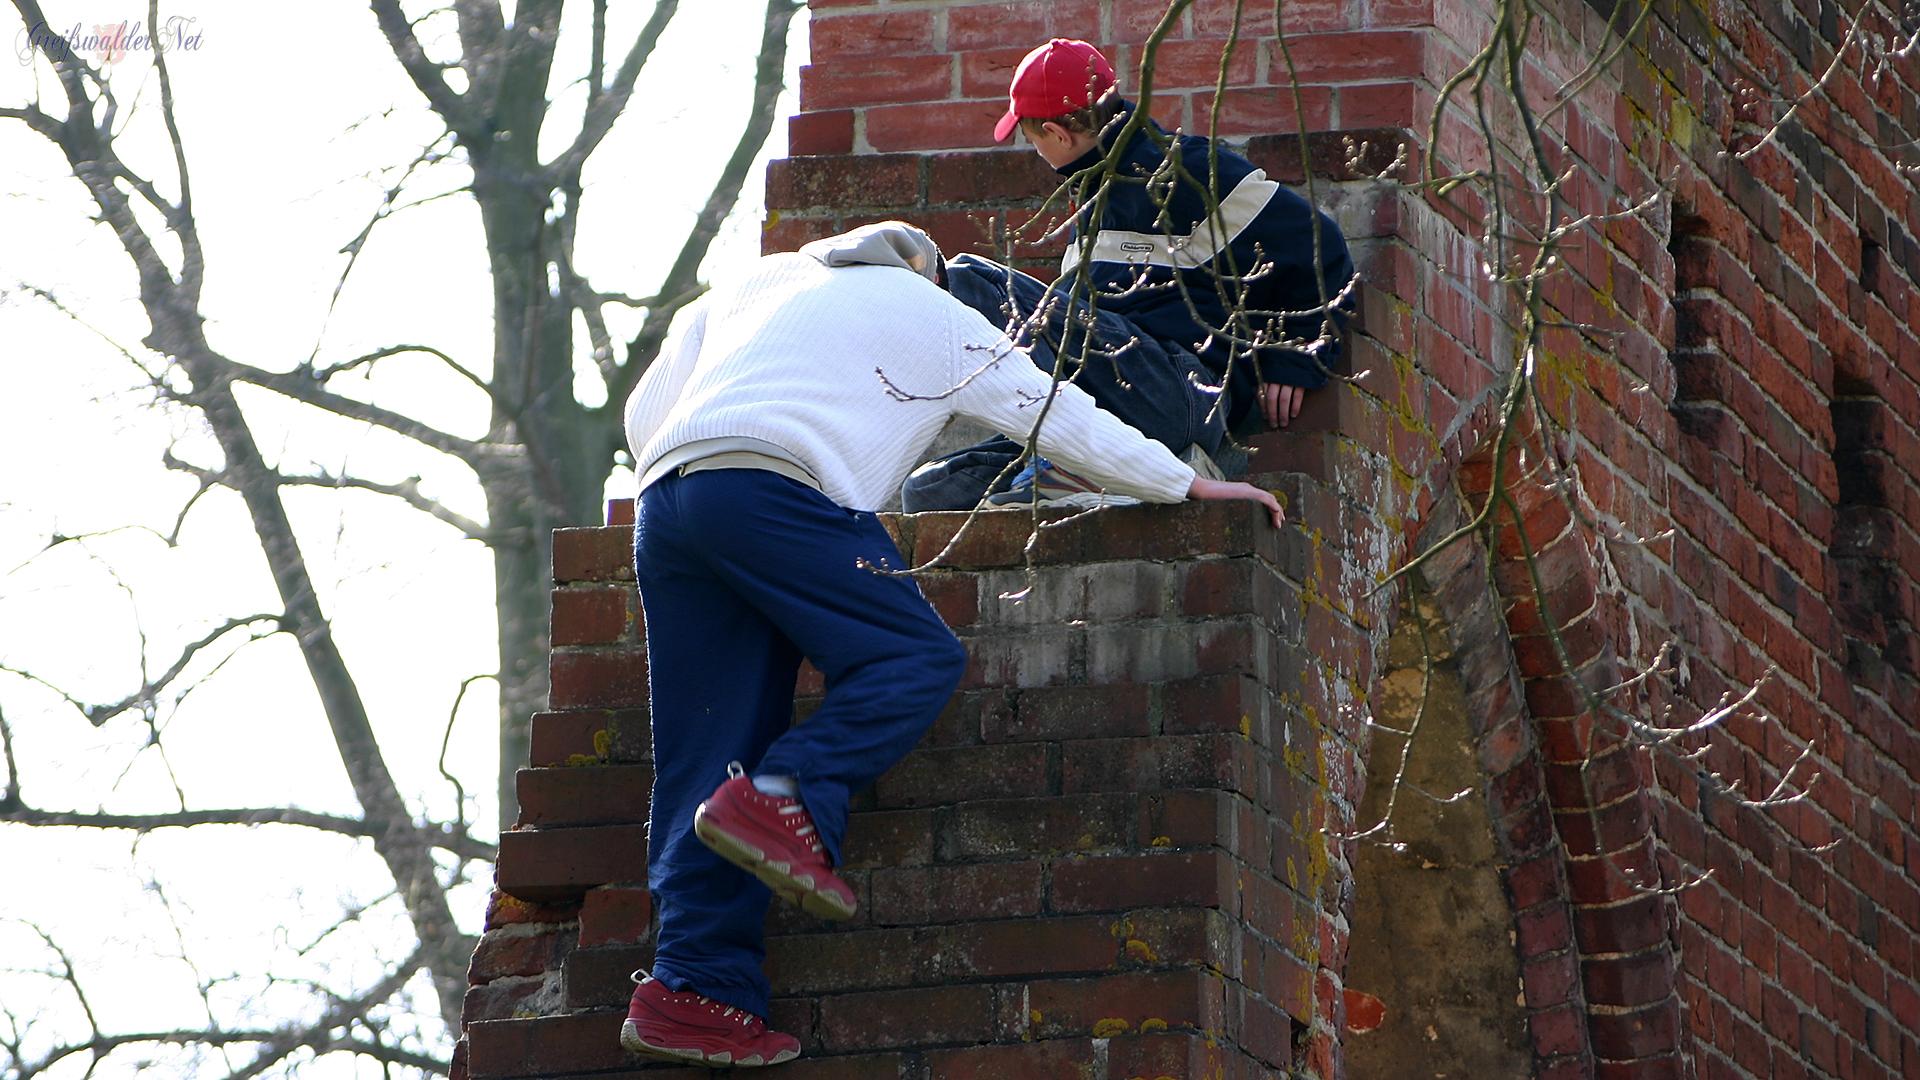 Jugendliche klettern auf der Klosterruine in Greifswald-Eldena